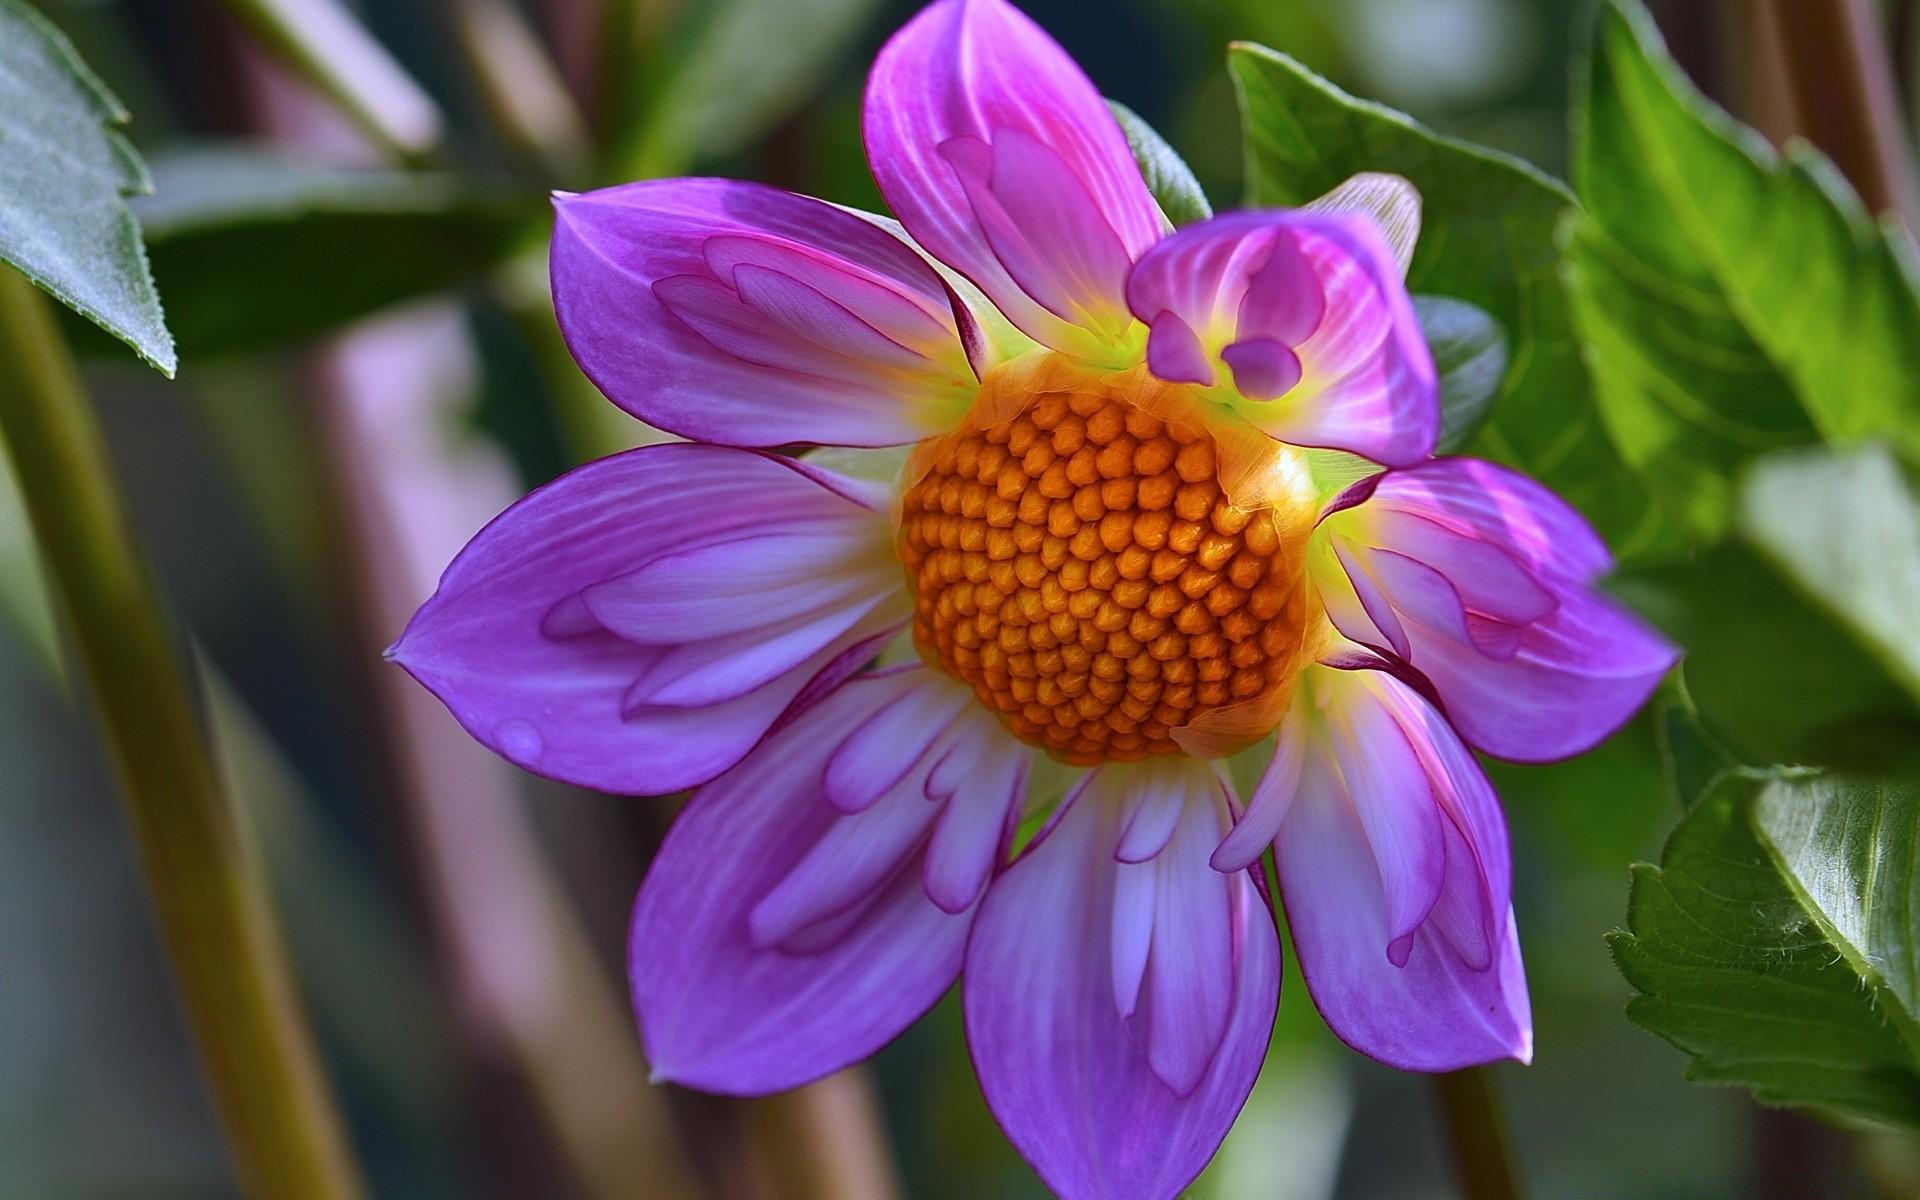 собраны цветы крупным планом фотографии казалось